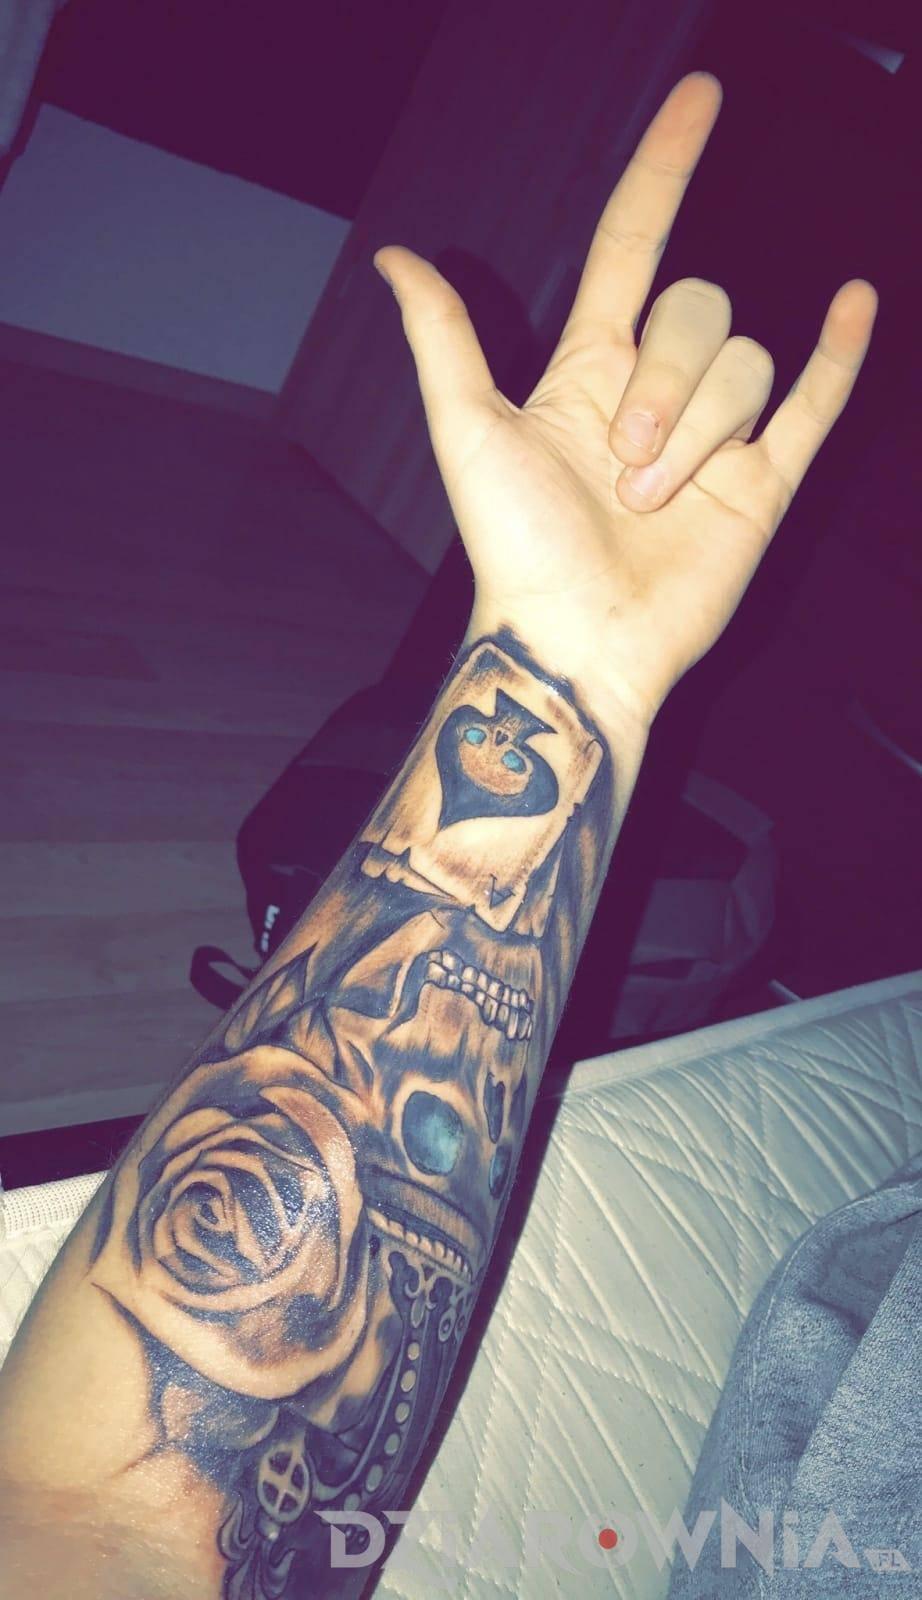 Wycena Tatuażu Rękaw Tatuaże Forum